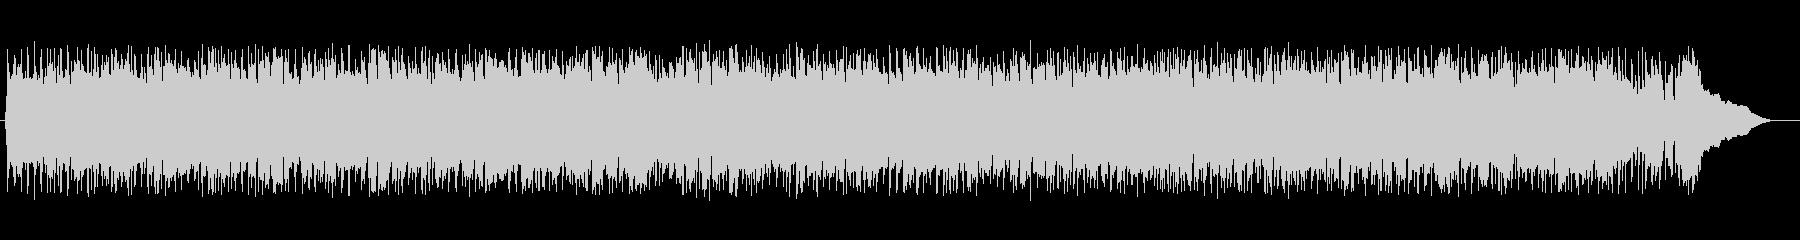 90年代J-ROCK風、メロディアスの未再生の波形